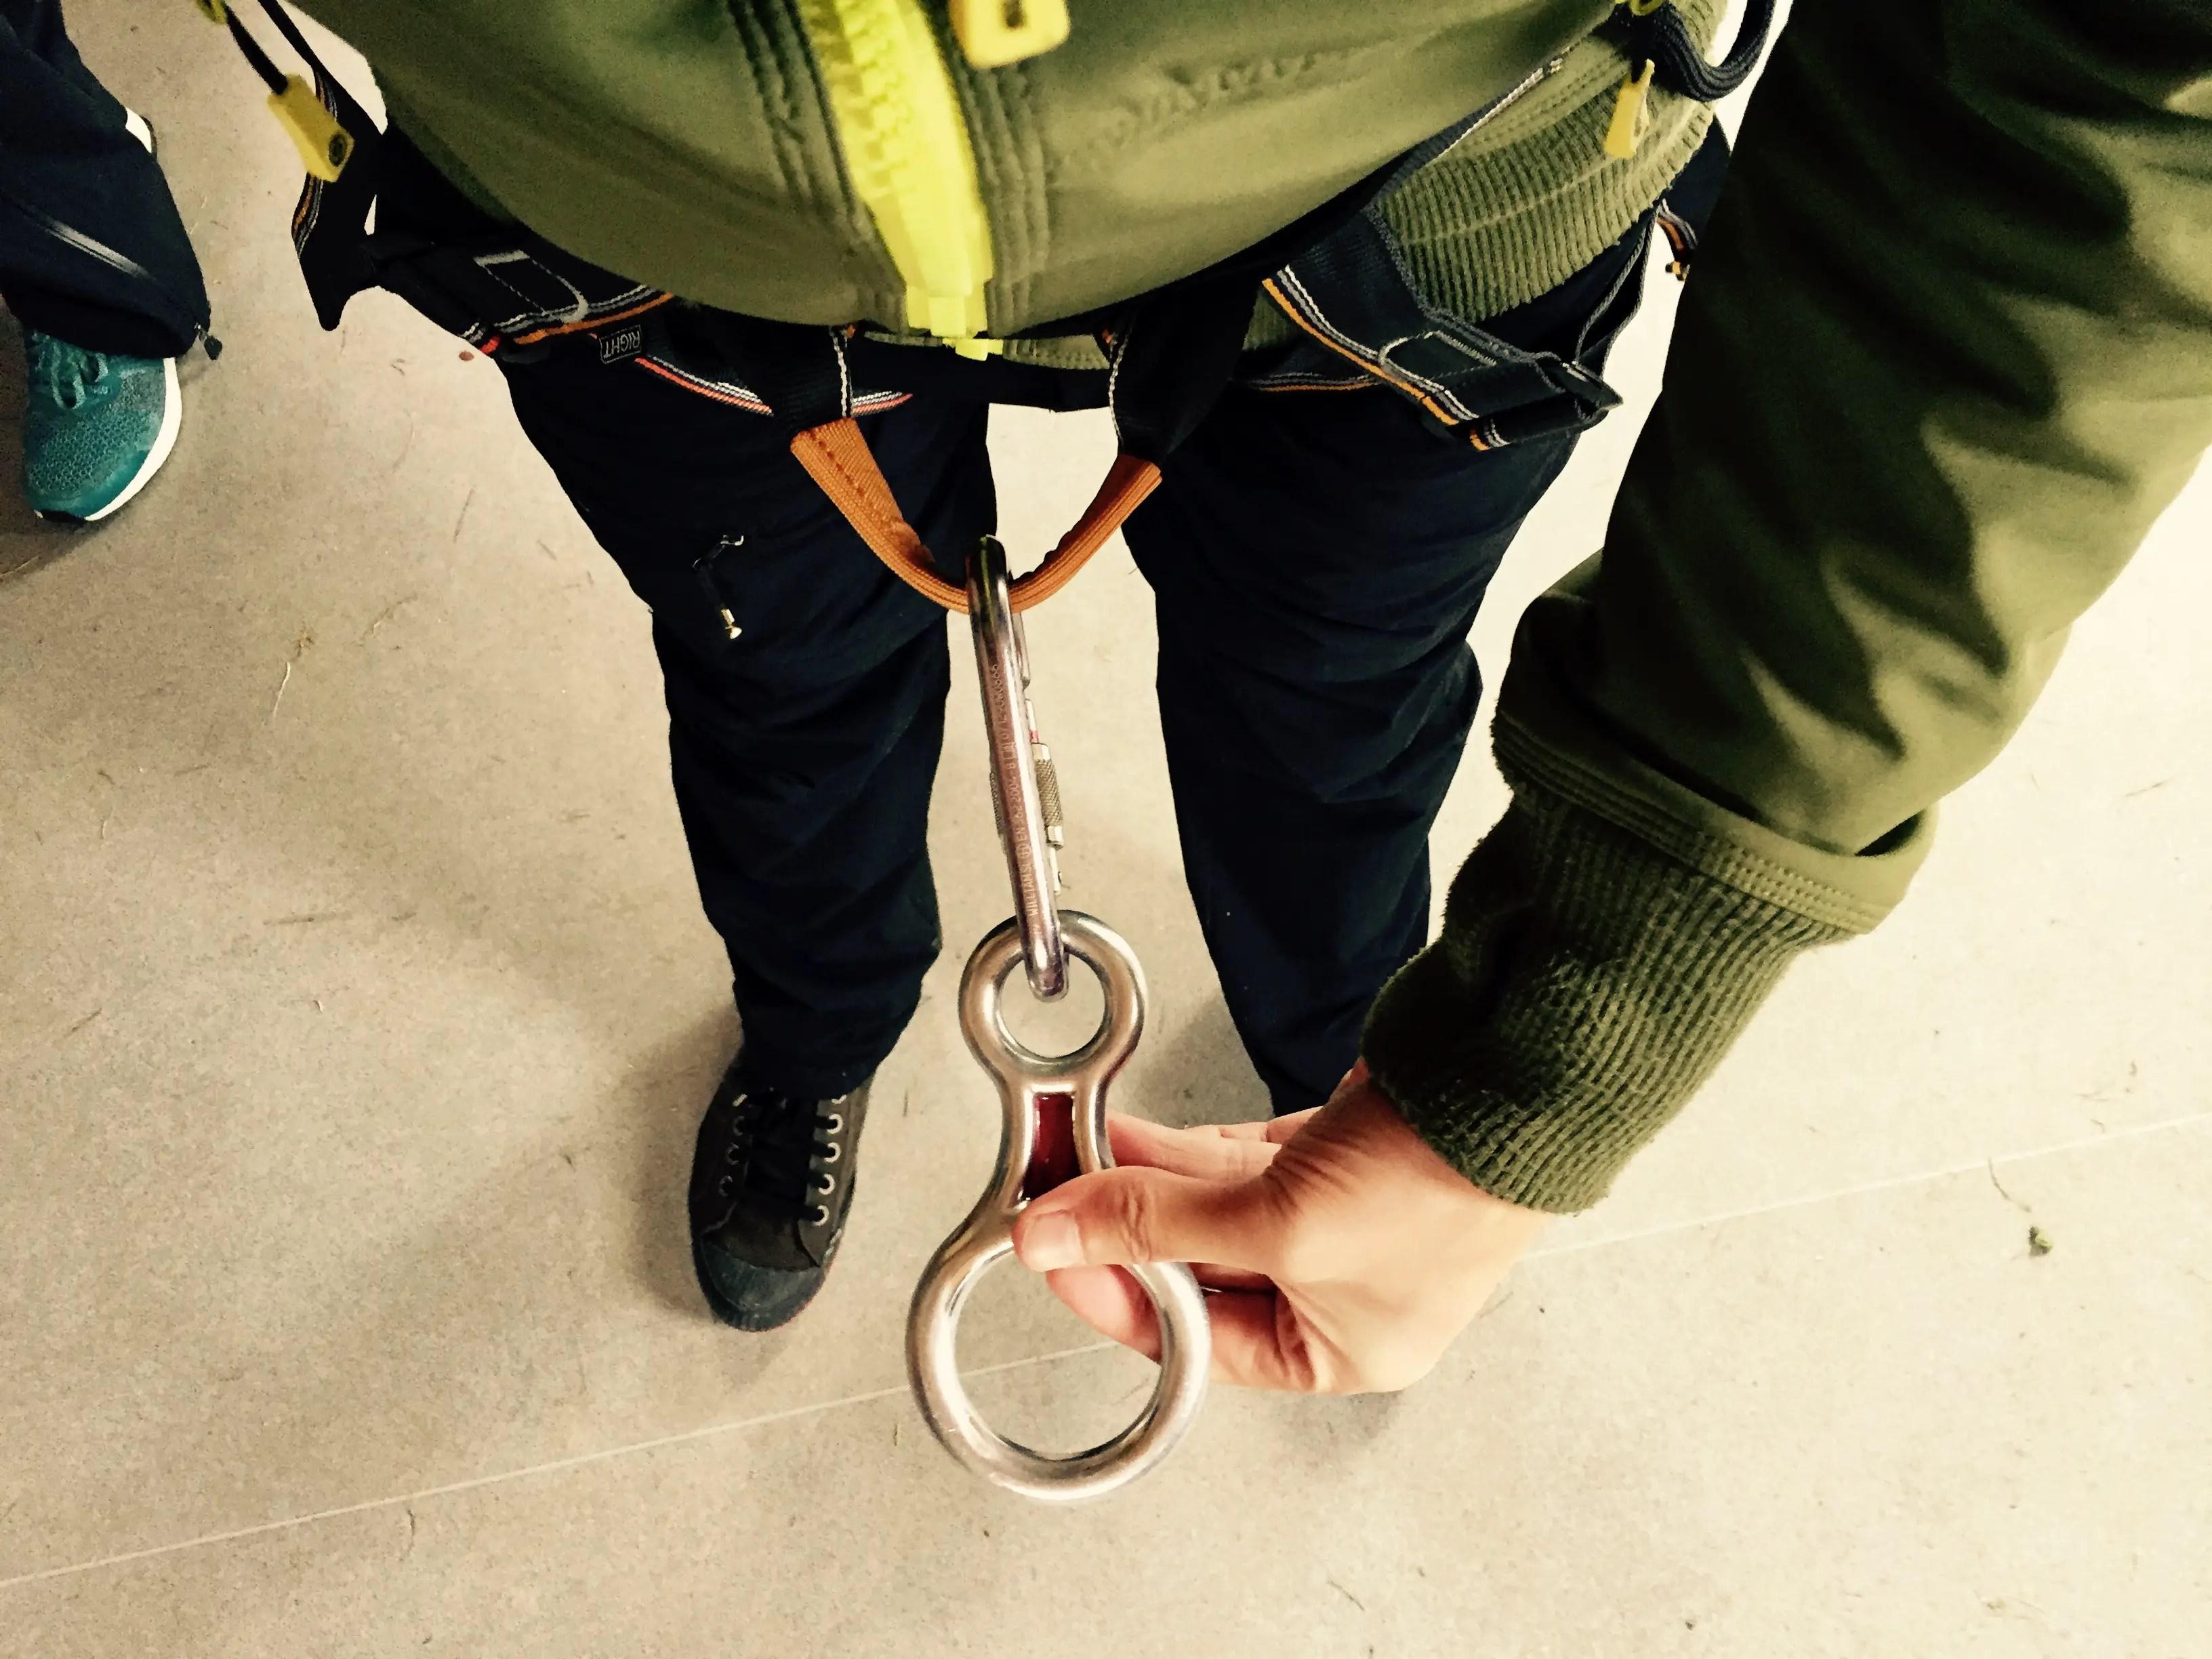 ruka_climbing_outdoorpassion_finland_09